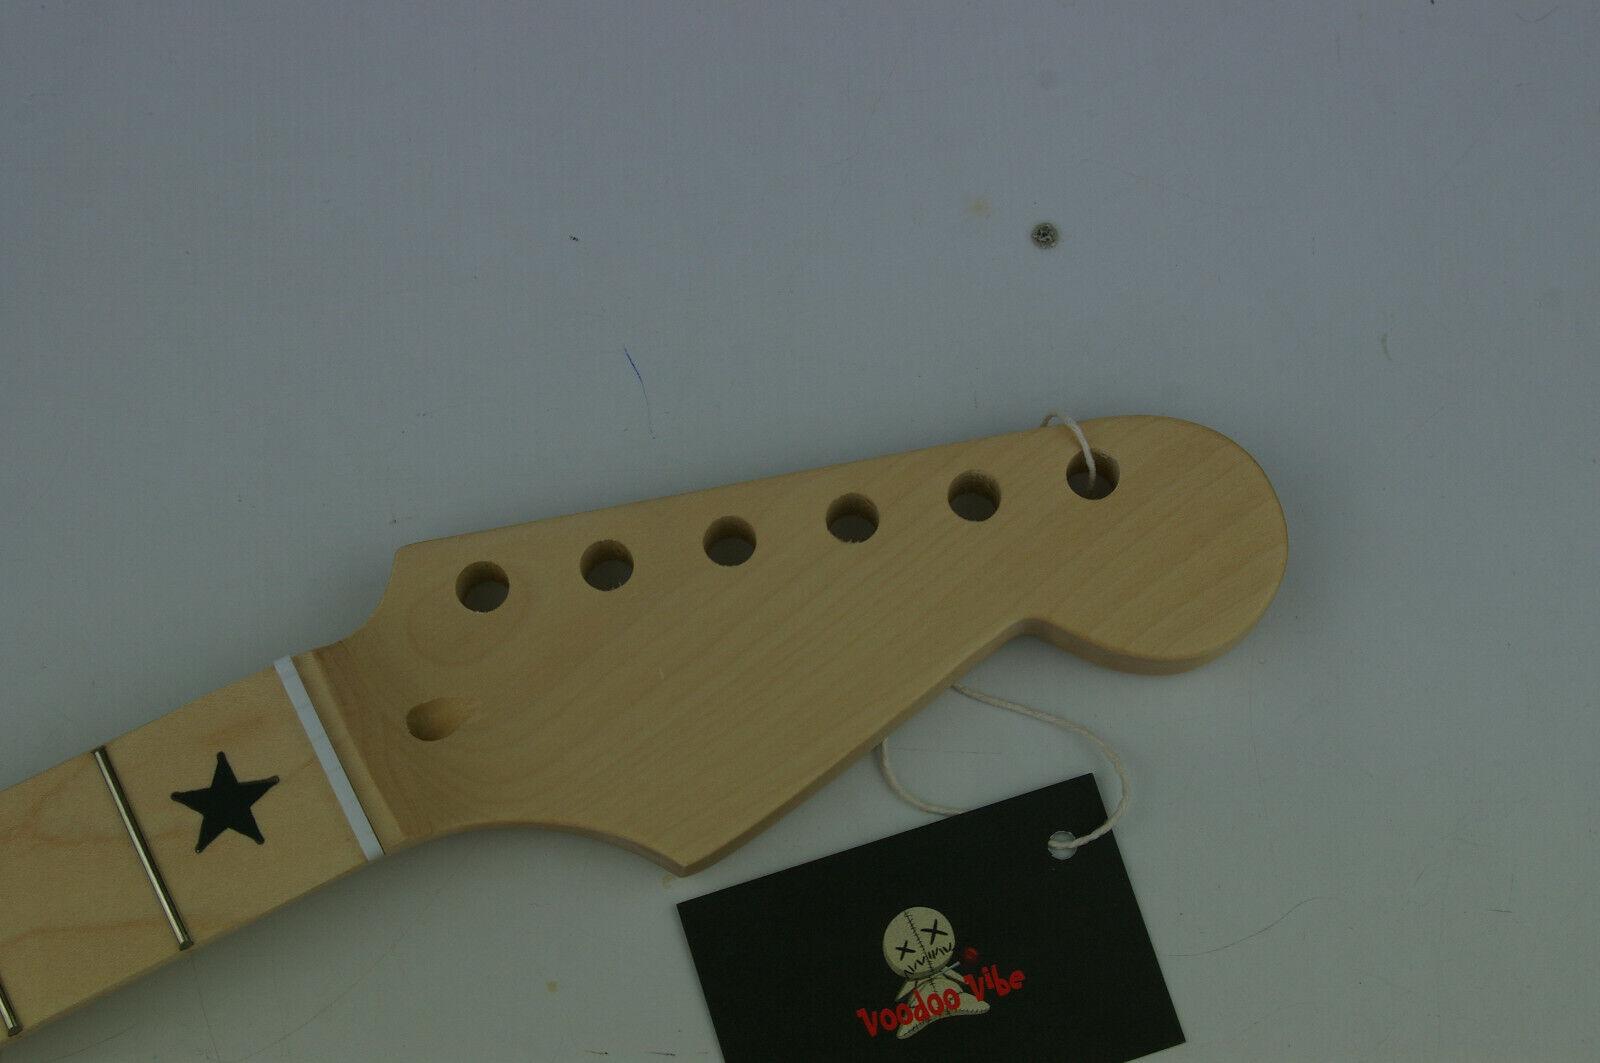 Voodoo Vibe Stratocaster Strat Guitarra Cuello de arce arce arce con incrustaciones de Estrella Negro n207  entrega de rayos